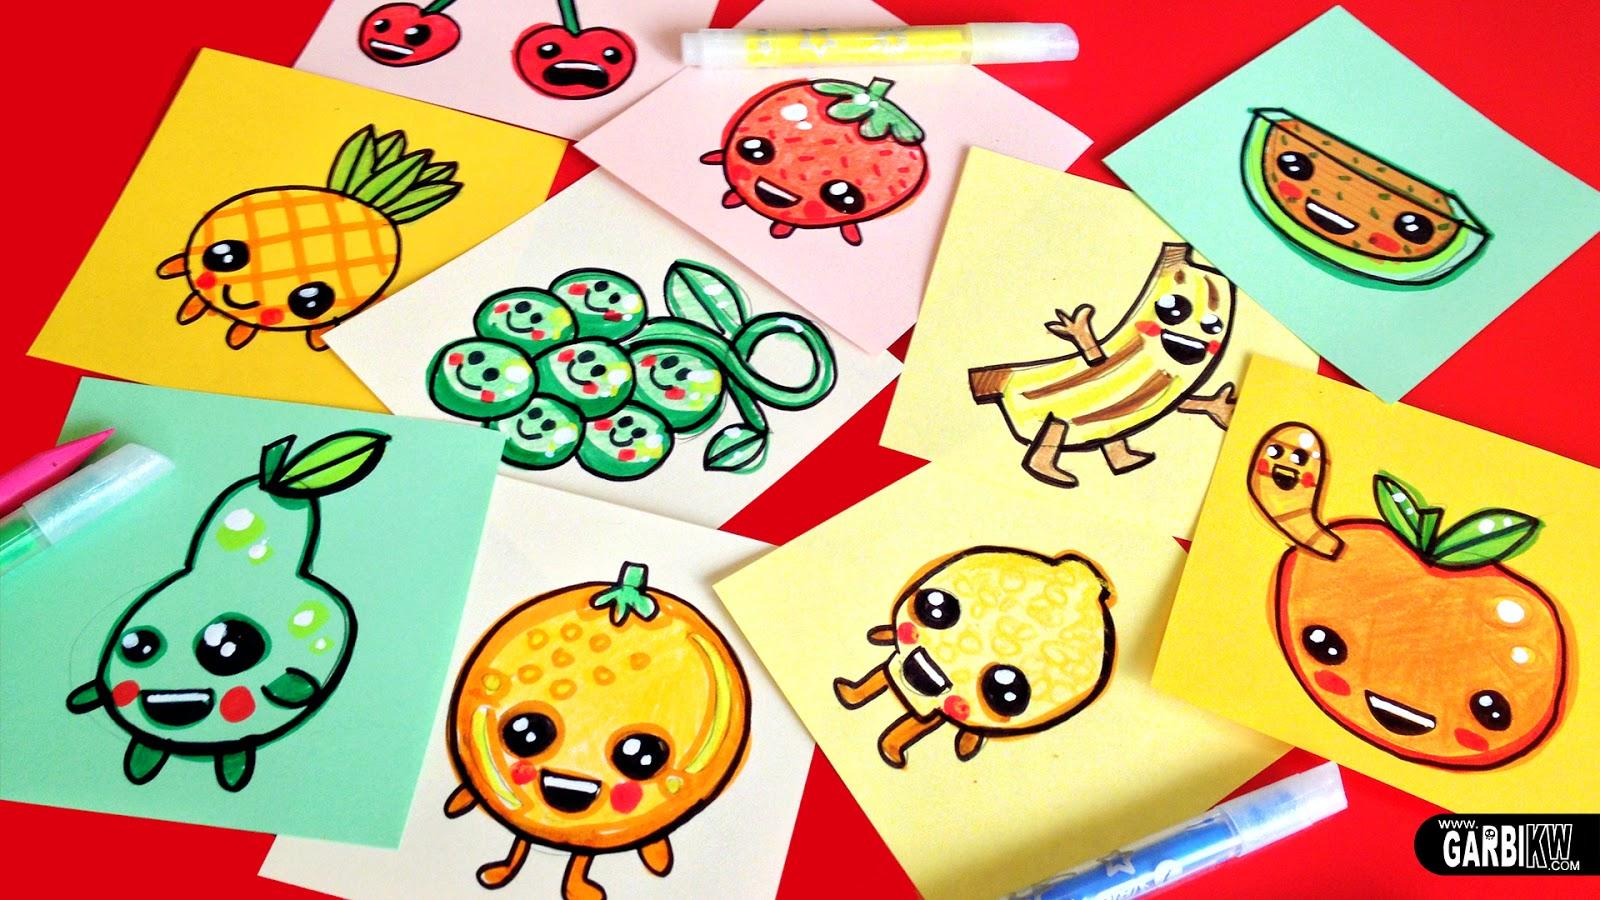 Tutorial Cmo dibujar Frutas Bonitas  Dibujos sencillos y Kawaii